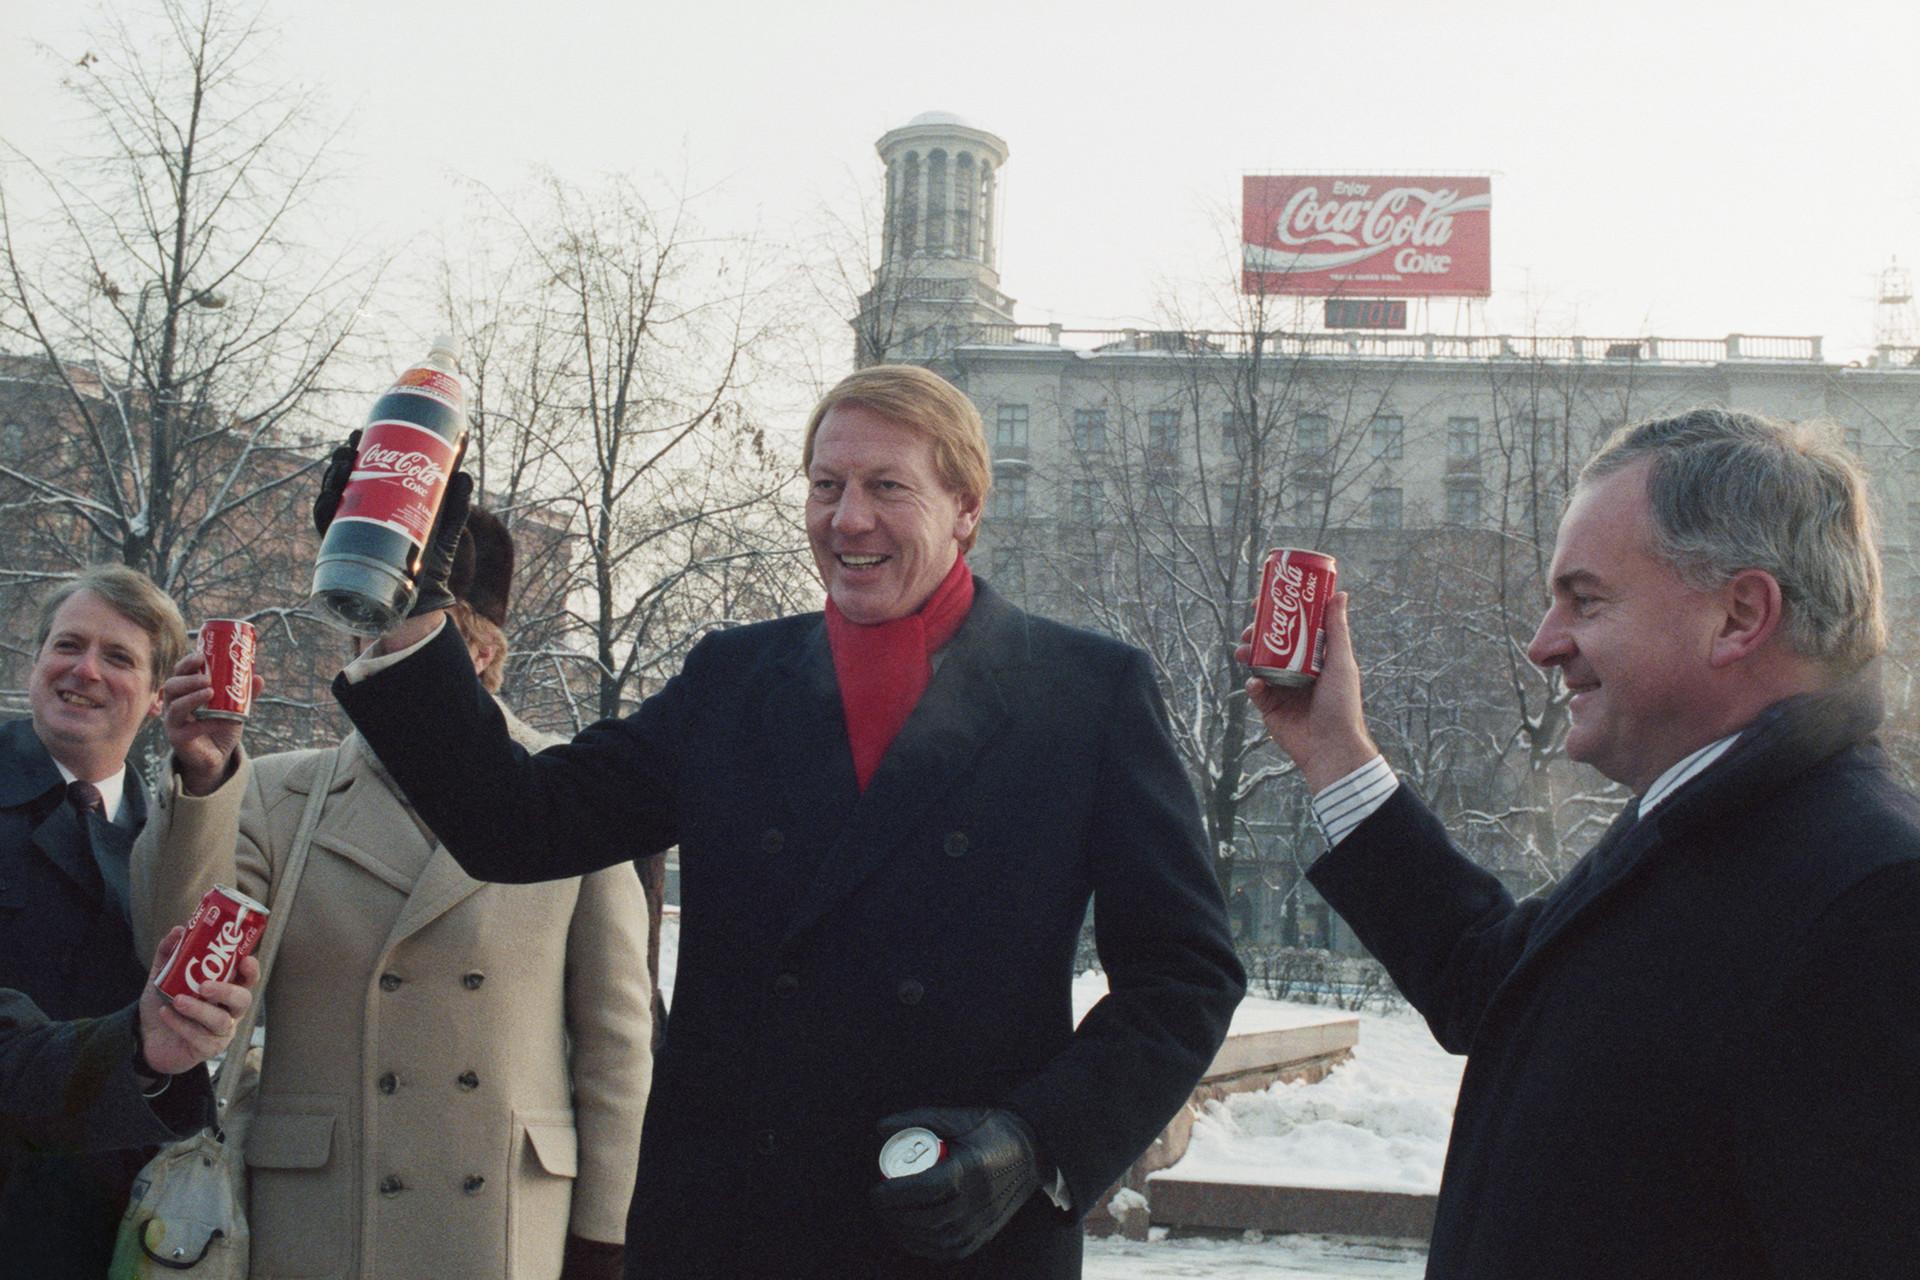 1989年12月1日。コカ・コーラの副社長、ネヴィリ・イスデル。コカ・コーラの製品のプレゼンテーションの時。後にはプーシキン広場にあったコカ・コーラの広告バナーが見える。